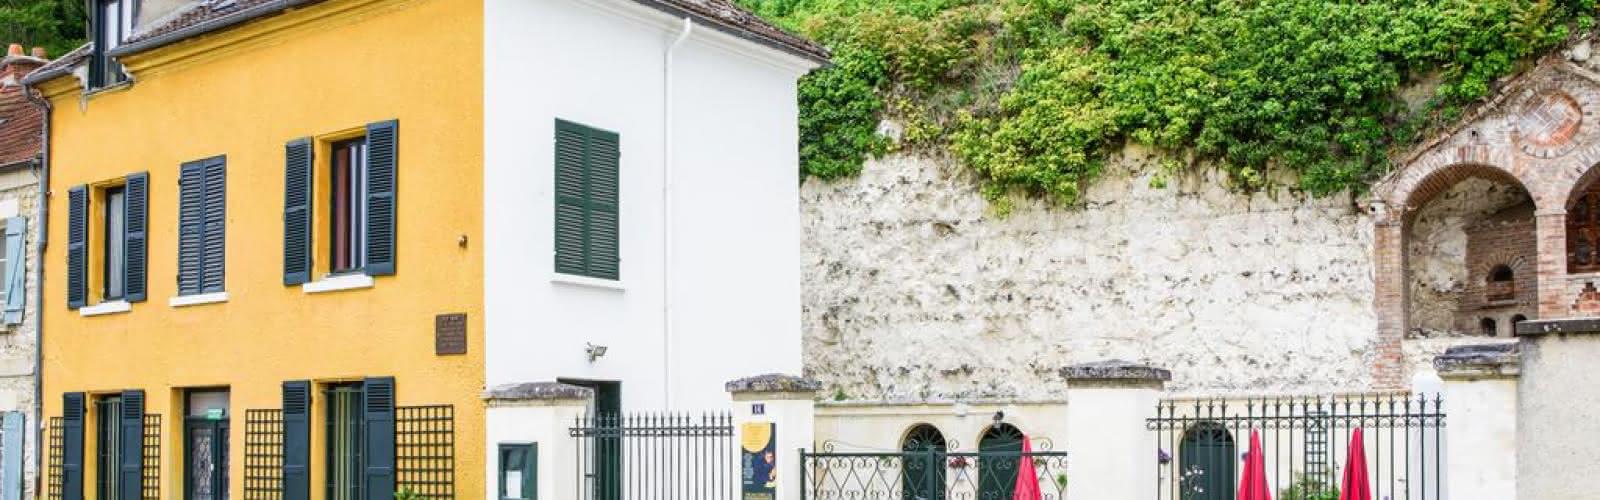 Maison Claude Monet